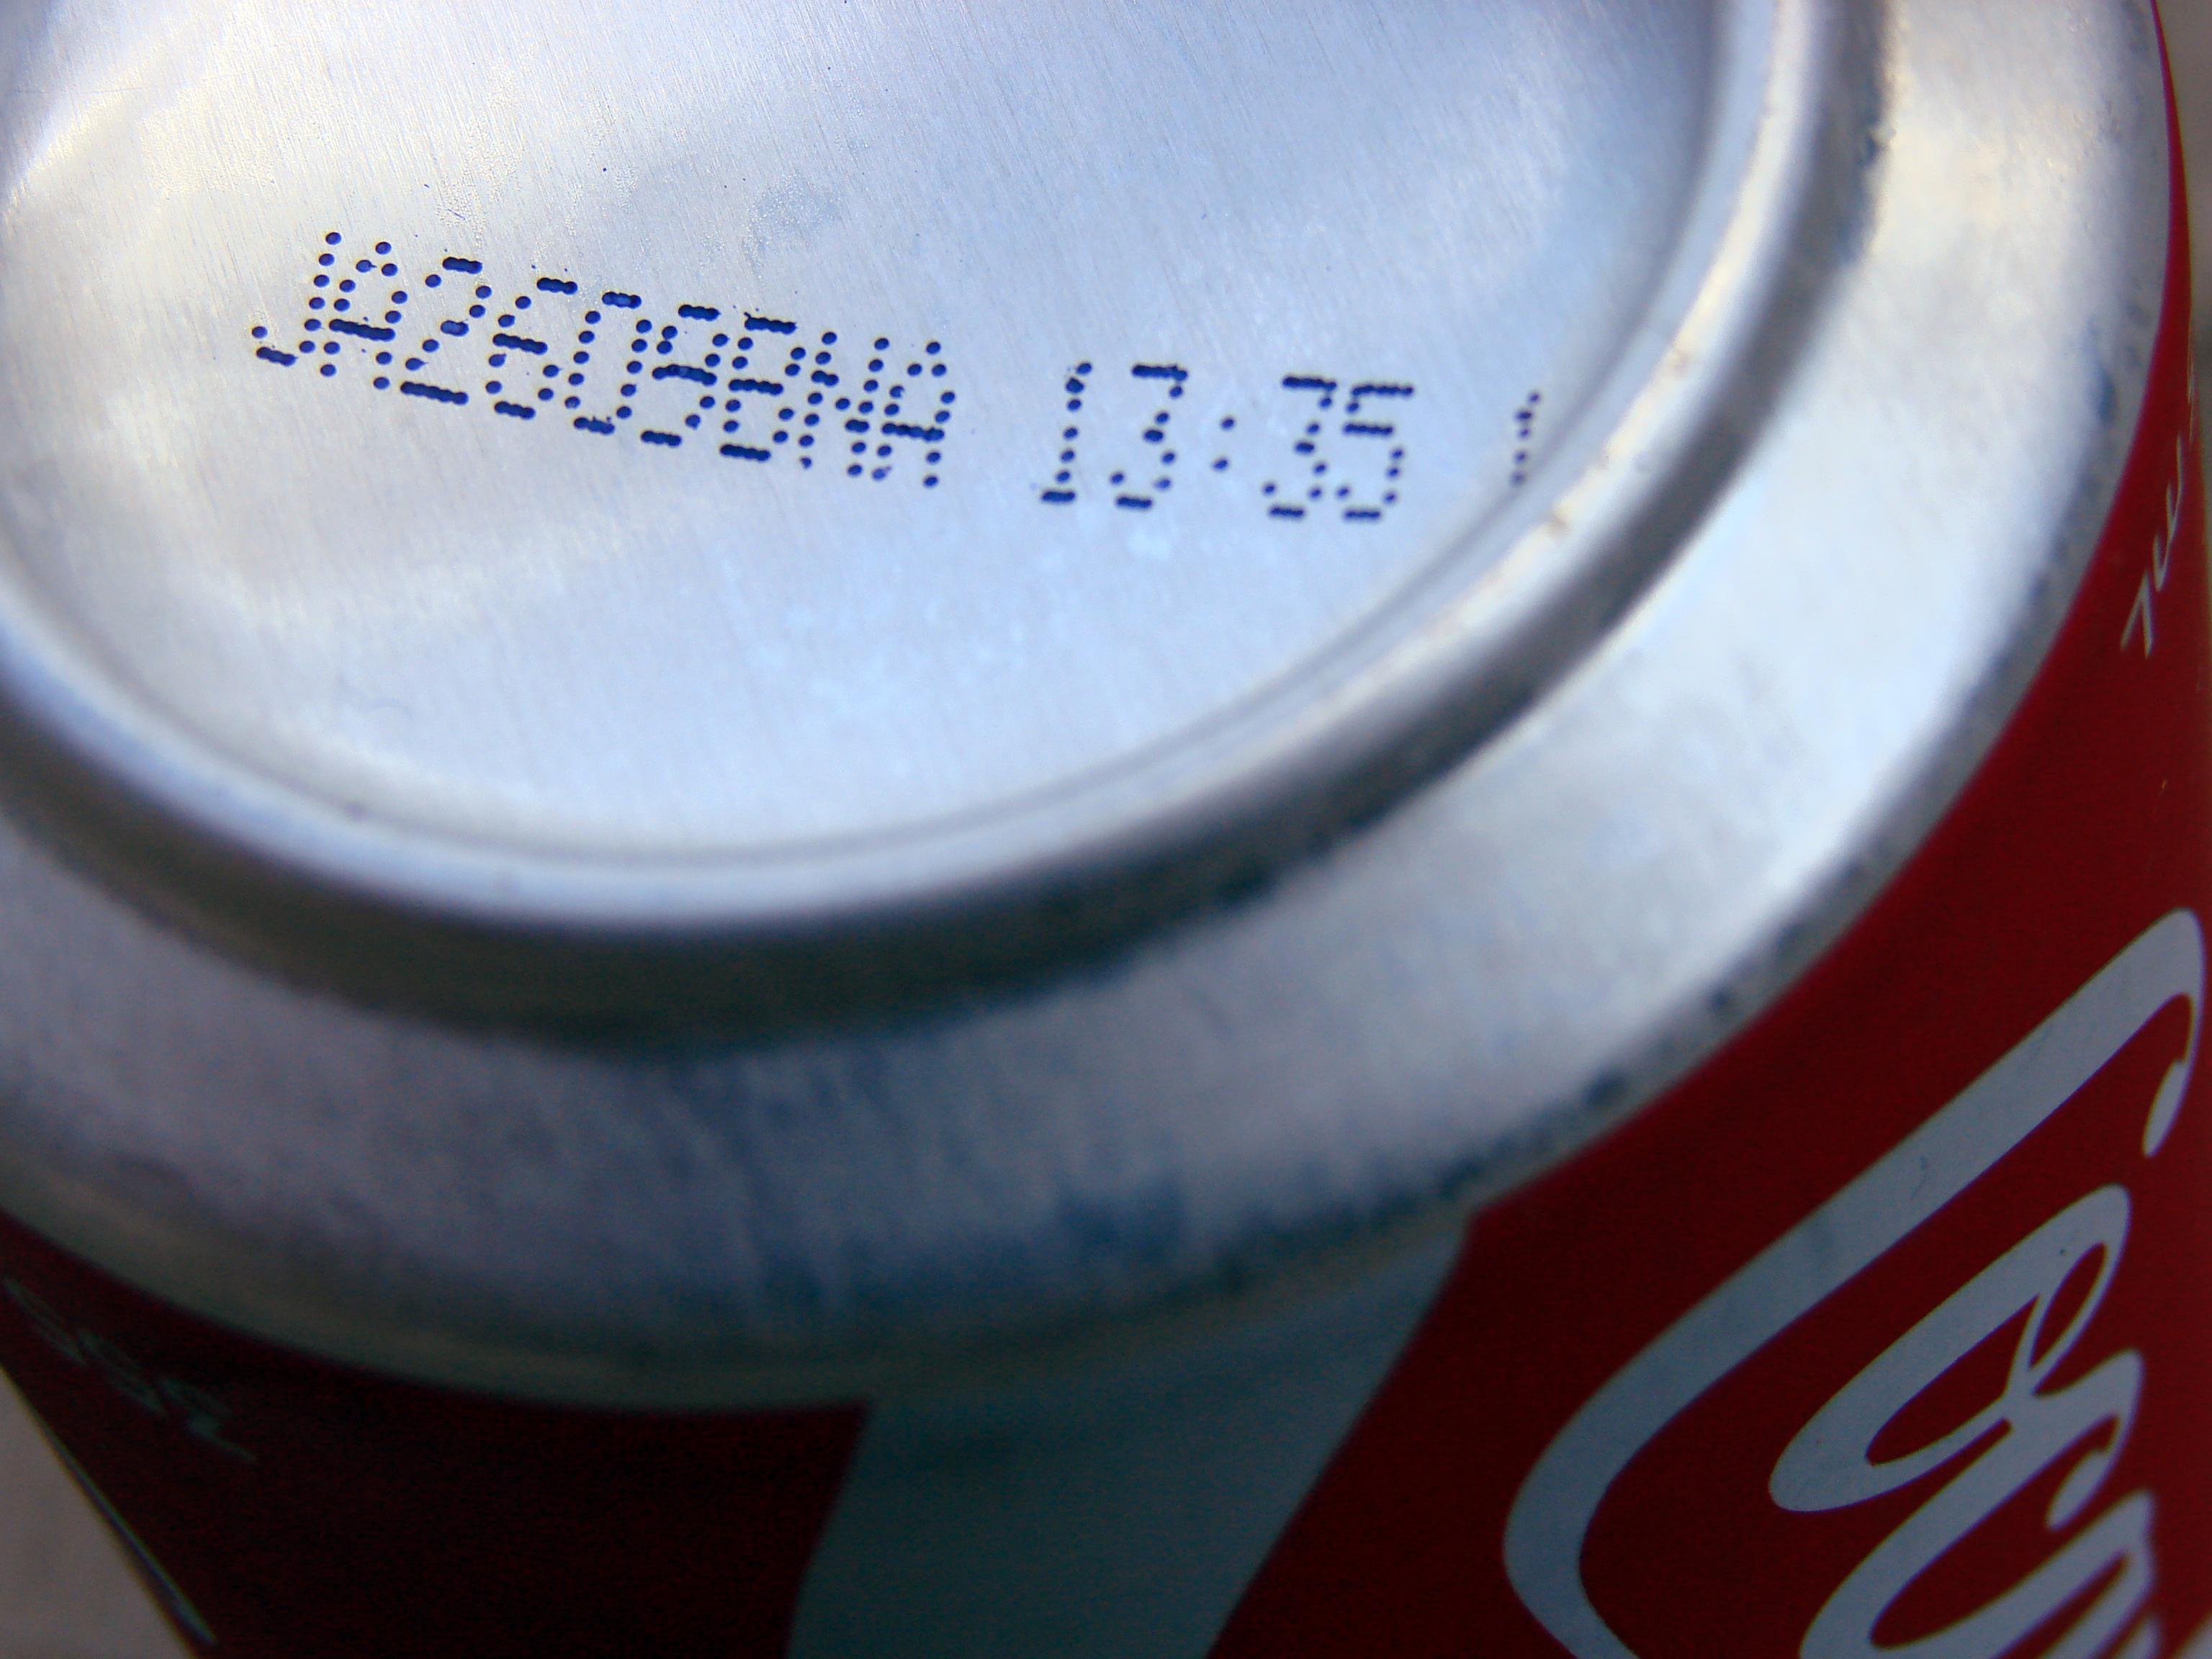 how long diet coke last past expiration